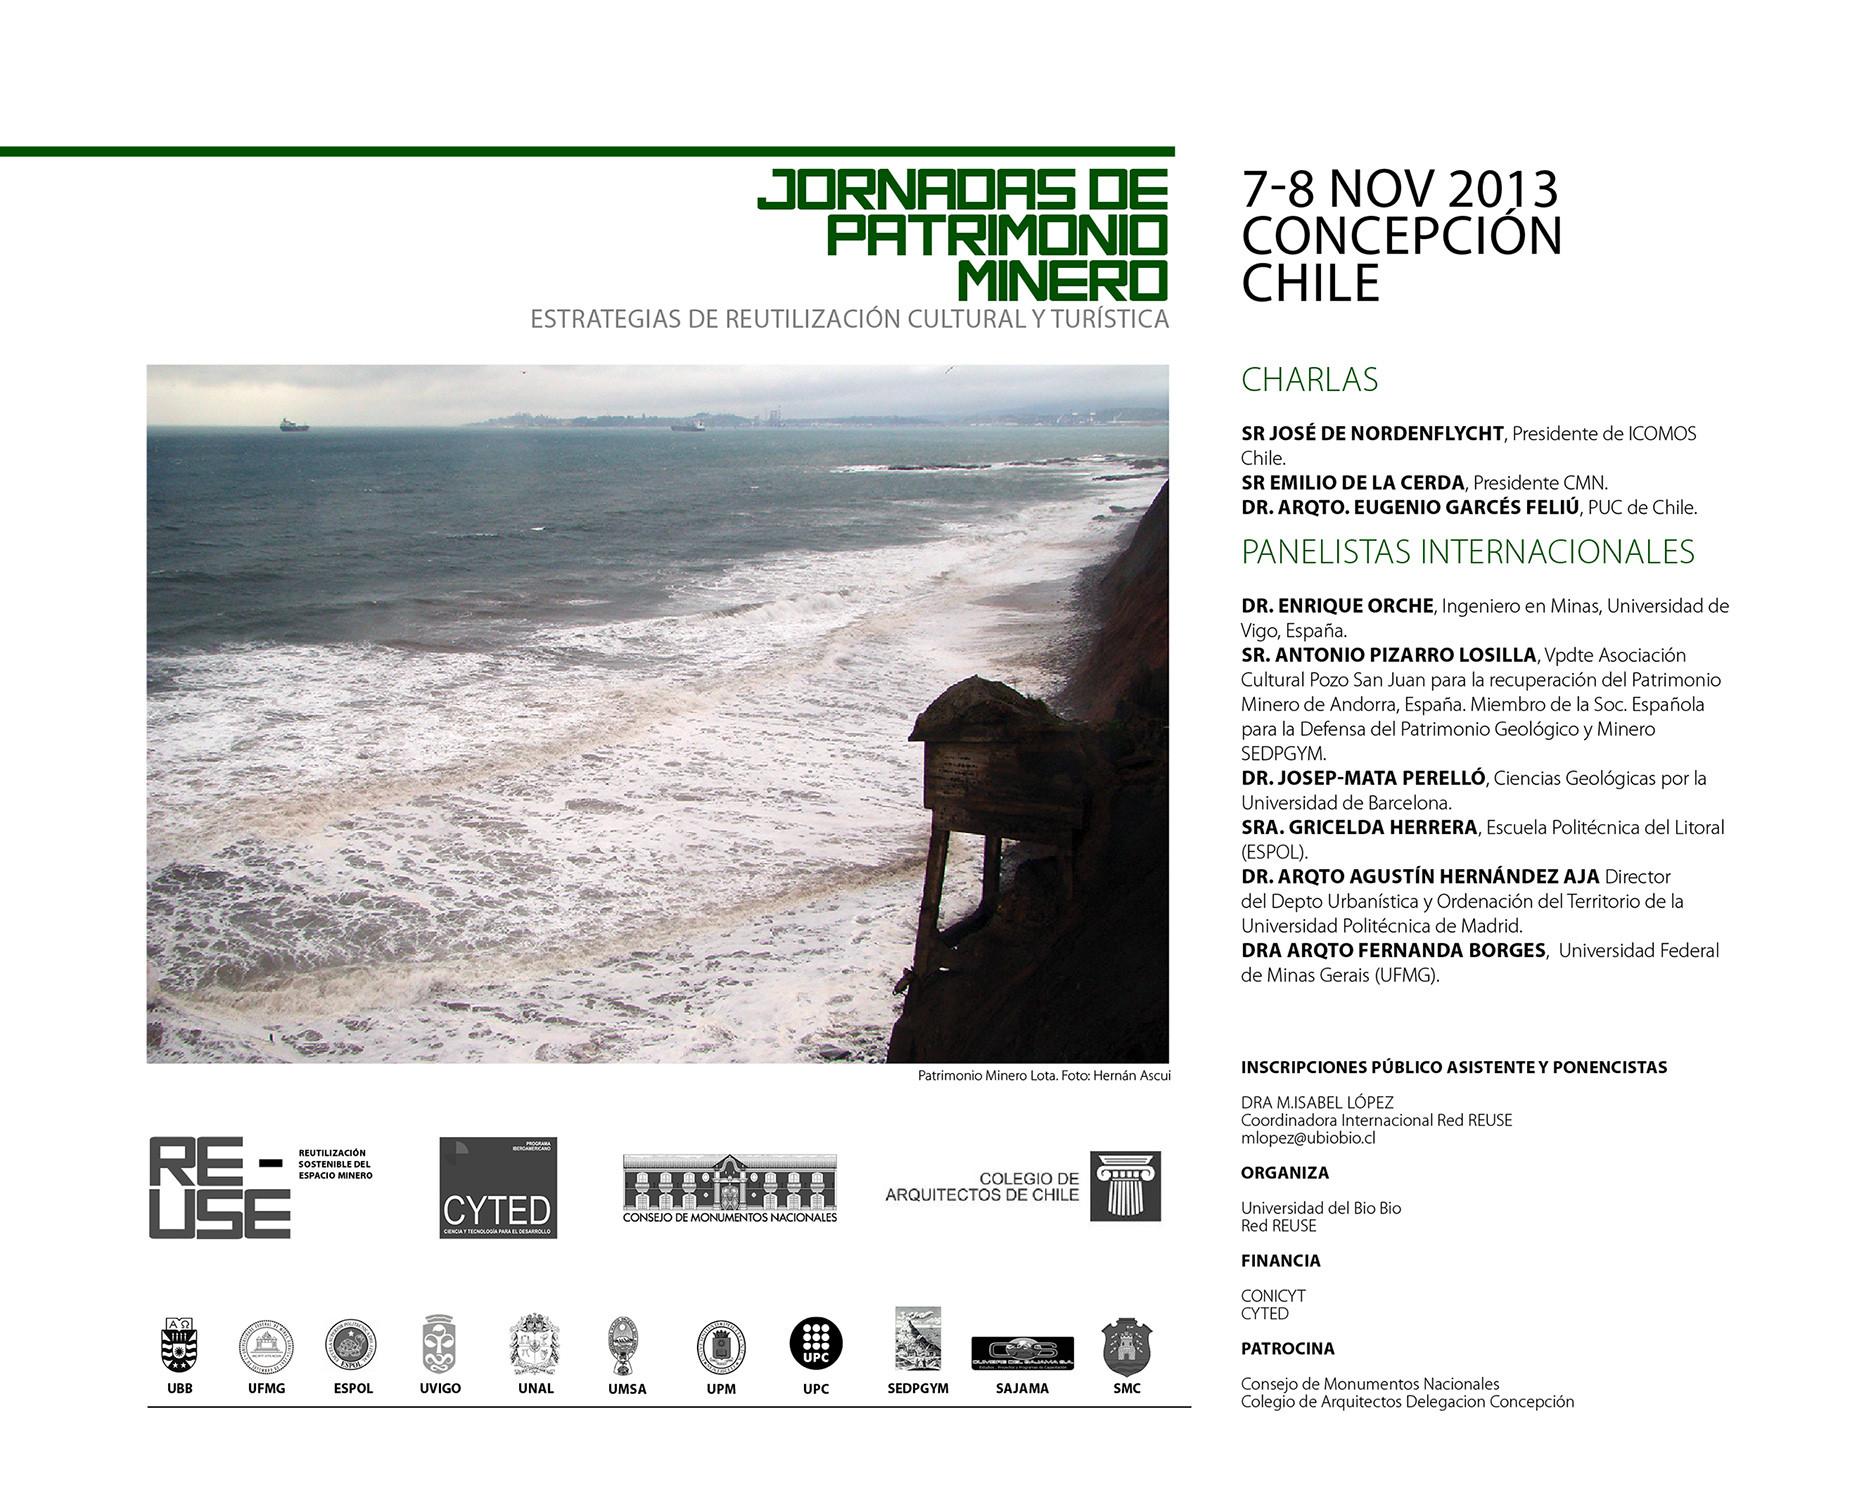 Jornadas de Patrimonio Minero, Estrategias de Reutilización Cultural y Turística / Universidad del Bio Bio, Courtesy of UBB